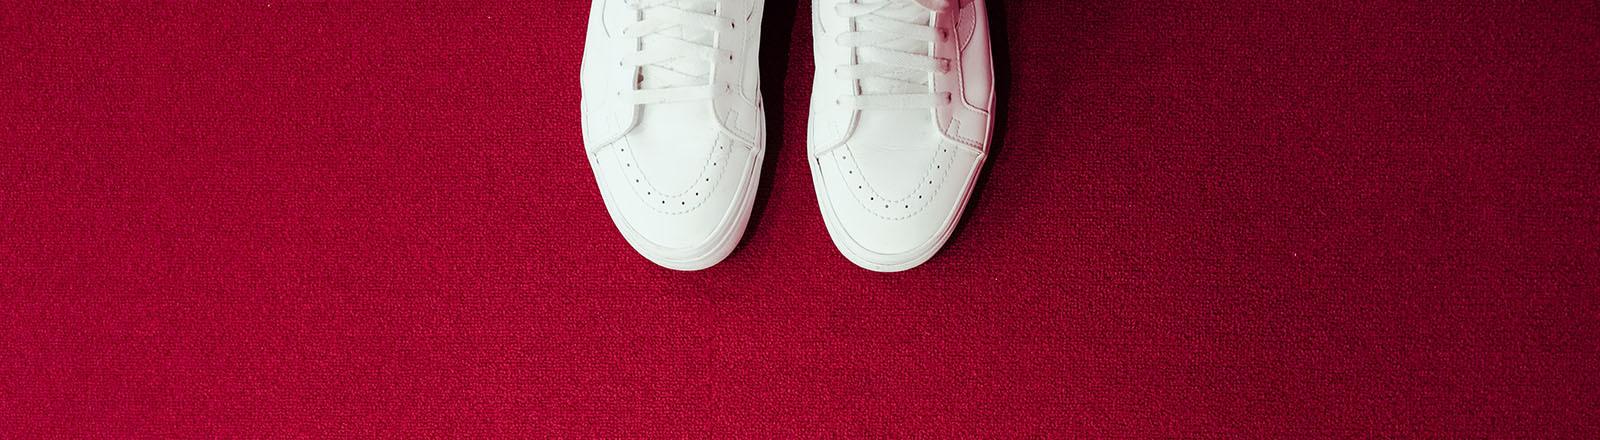 Weiße Sneaker stehen auf einem roten Teppich. Die Kamera blickt von oben auf die Sneaker.